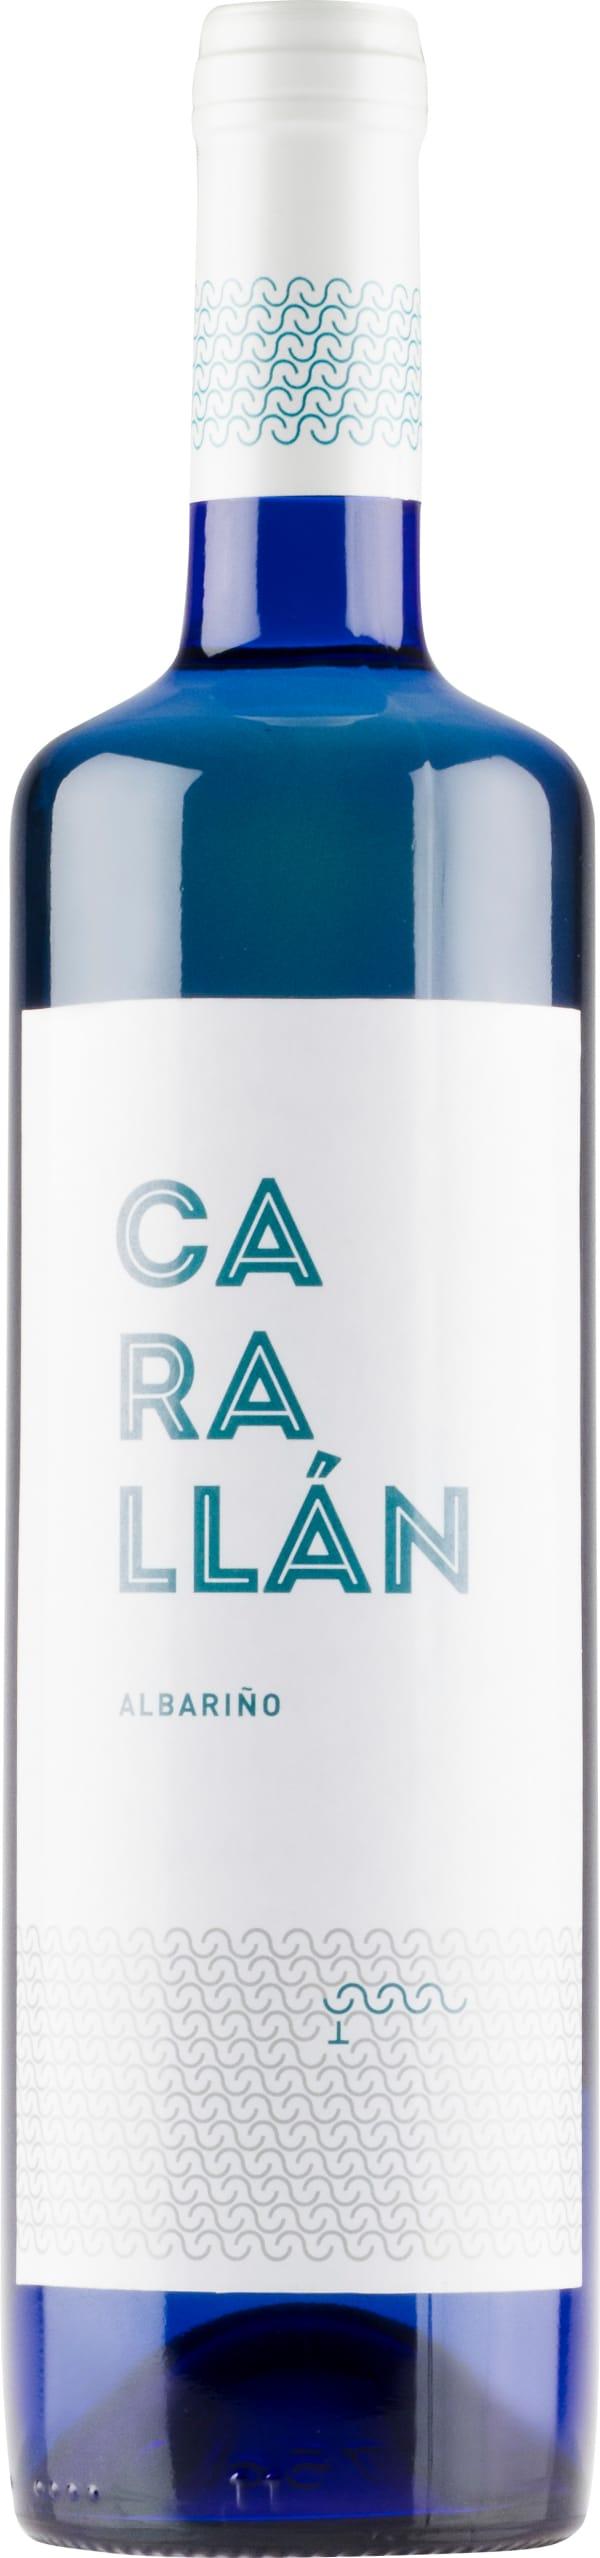 Carallán Albariño 2020